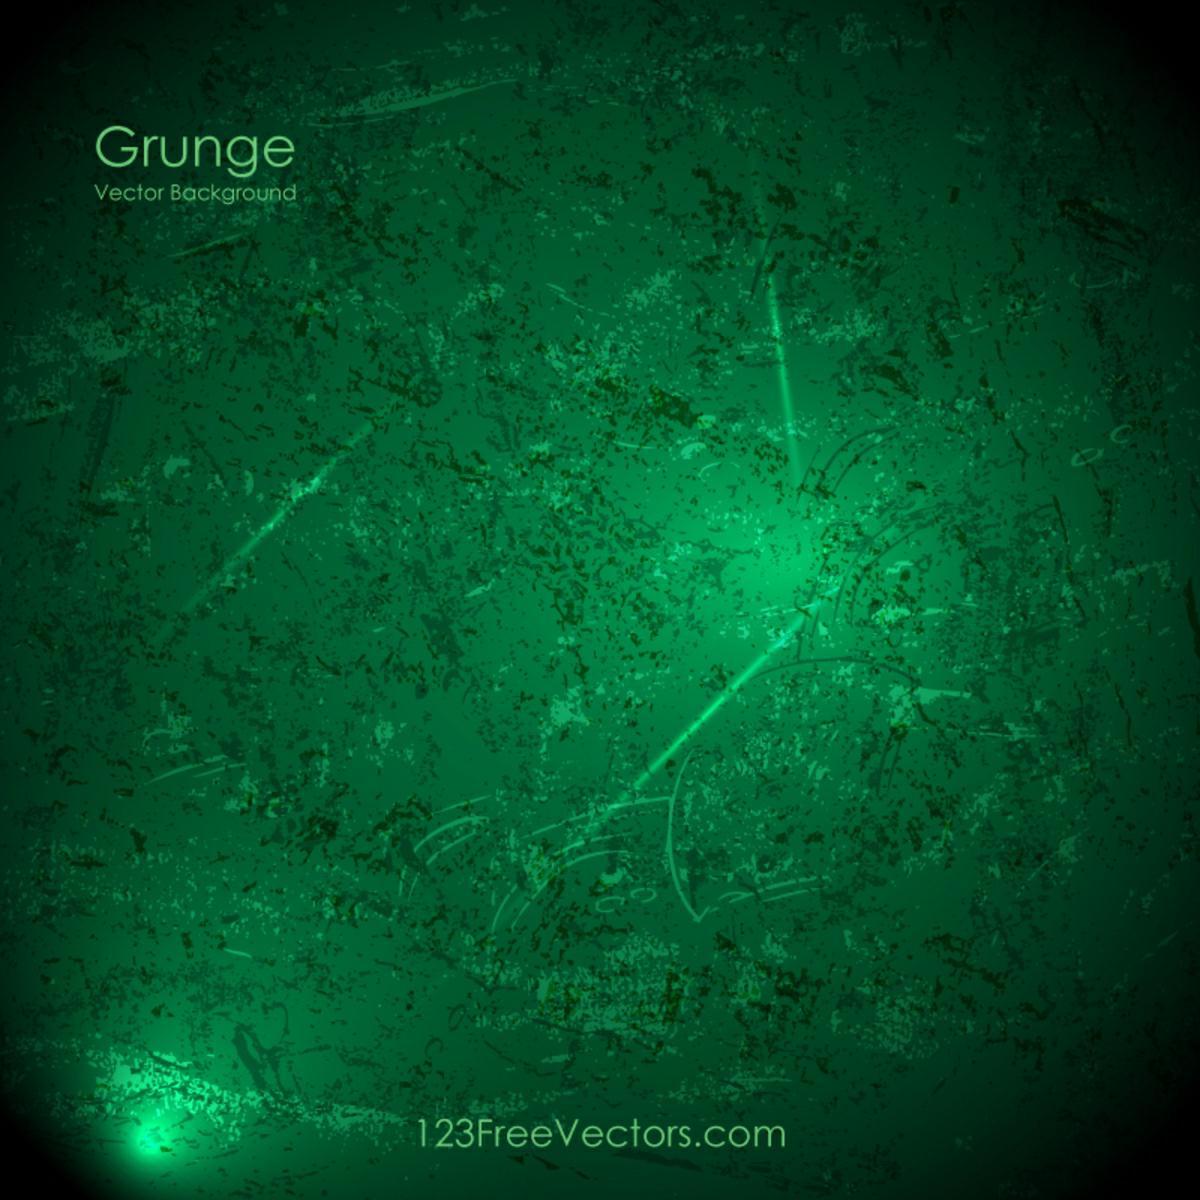 0015_纹理_AI复古破旧痕迹纹理背景矢量设计素材大图02辑-Grunge-Background-014_xPX_AI_DPI_10_0